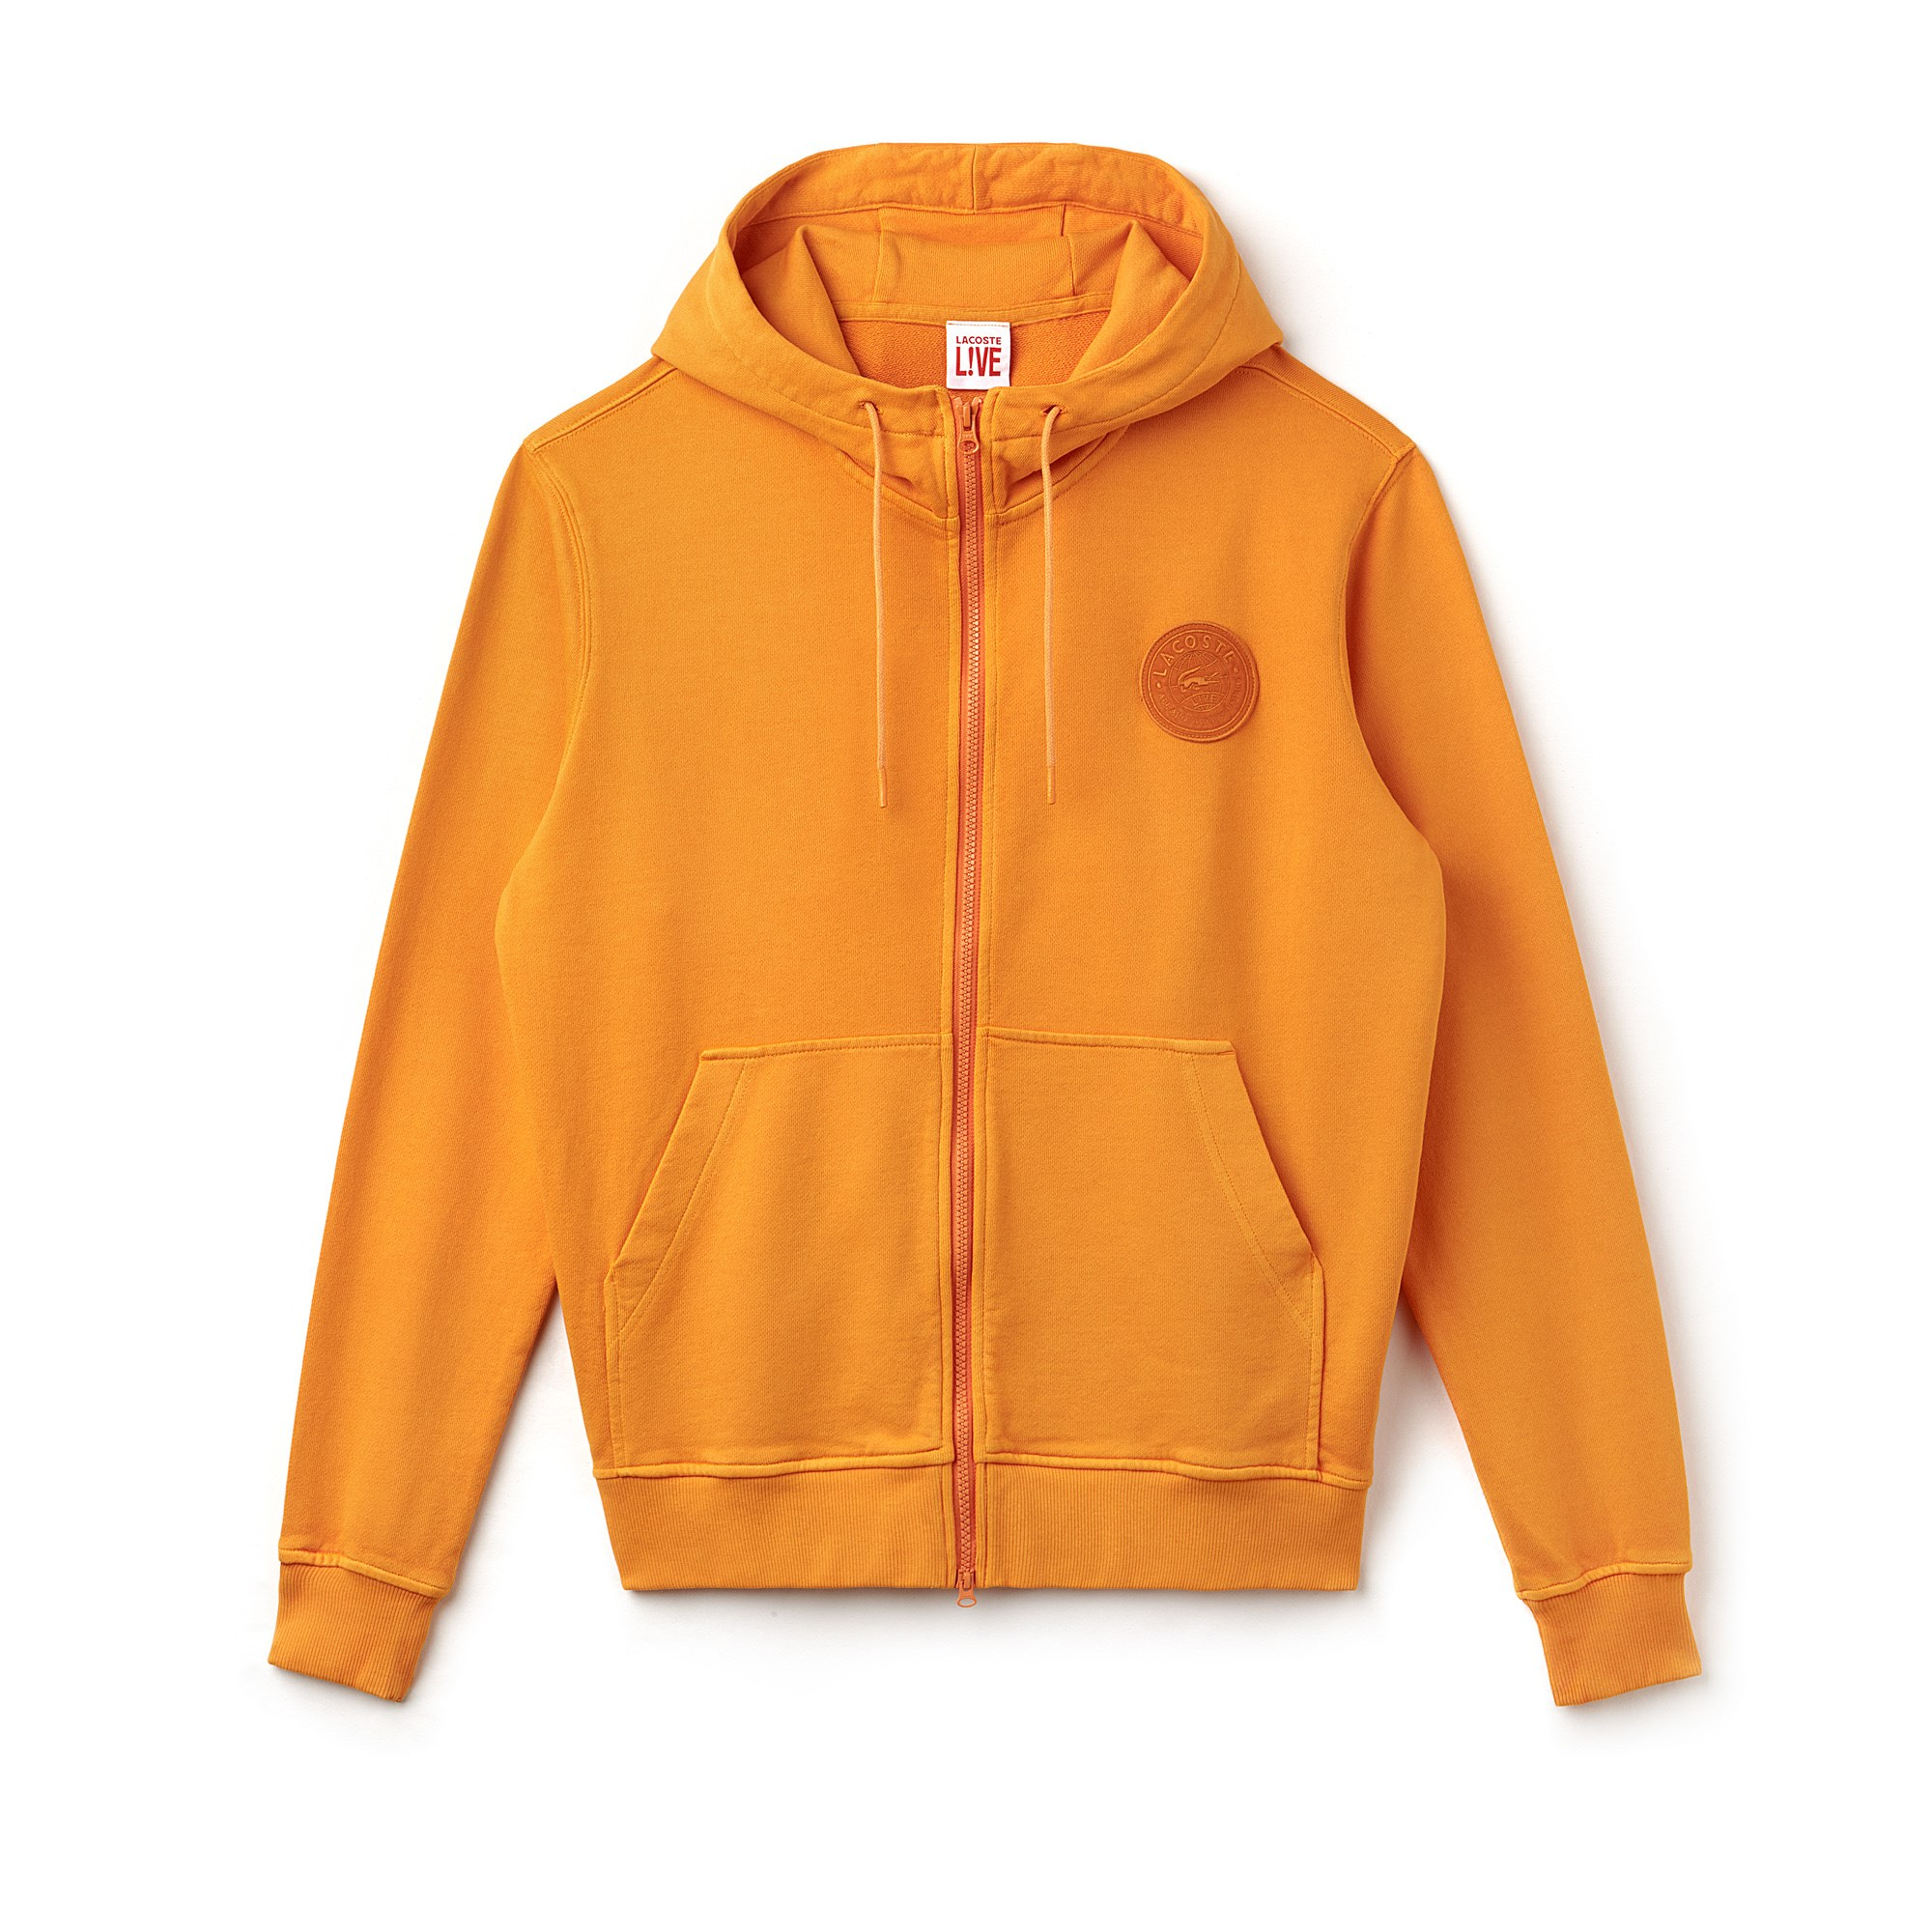 Men's Lacoste LIVE Hood Fleece Zip Sweatshirt With Badge